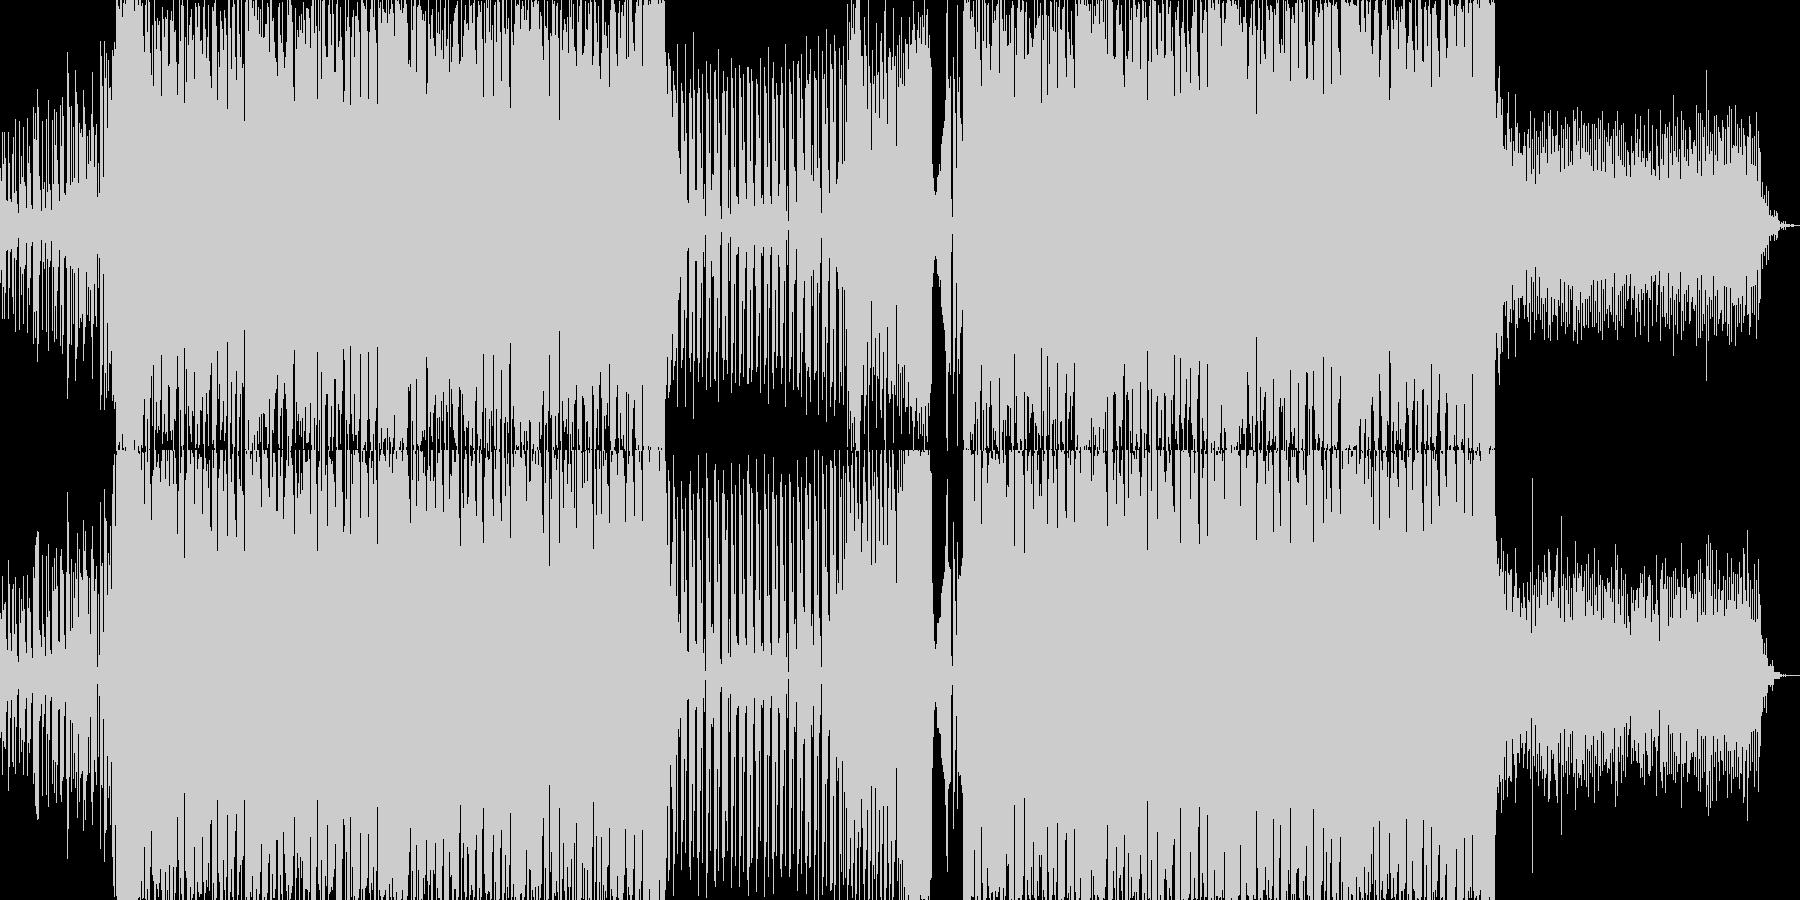 キラキラしたエレクトロダンスミュージックの未再生の波形